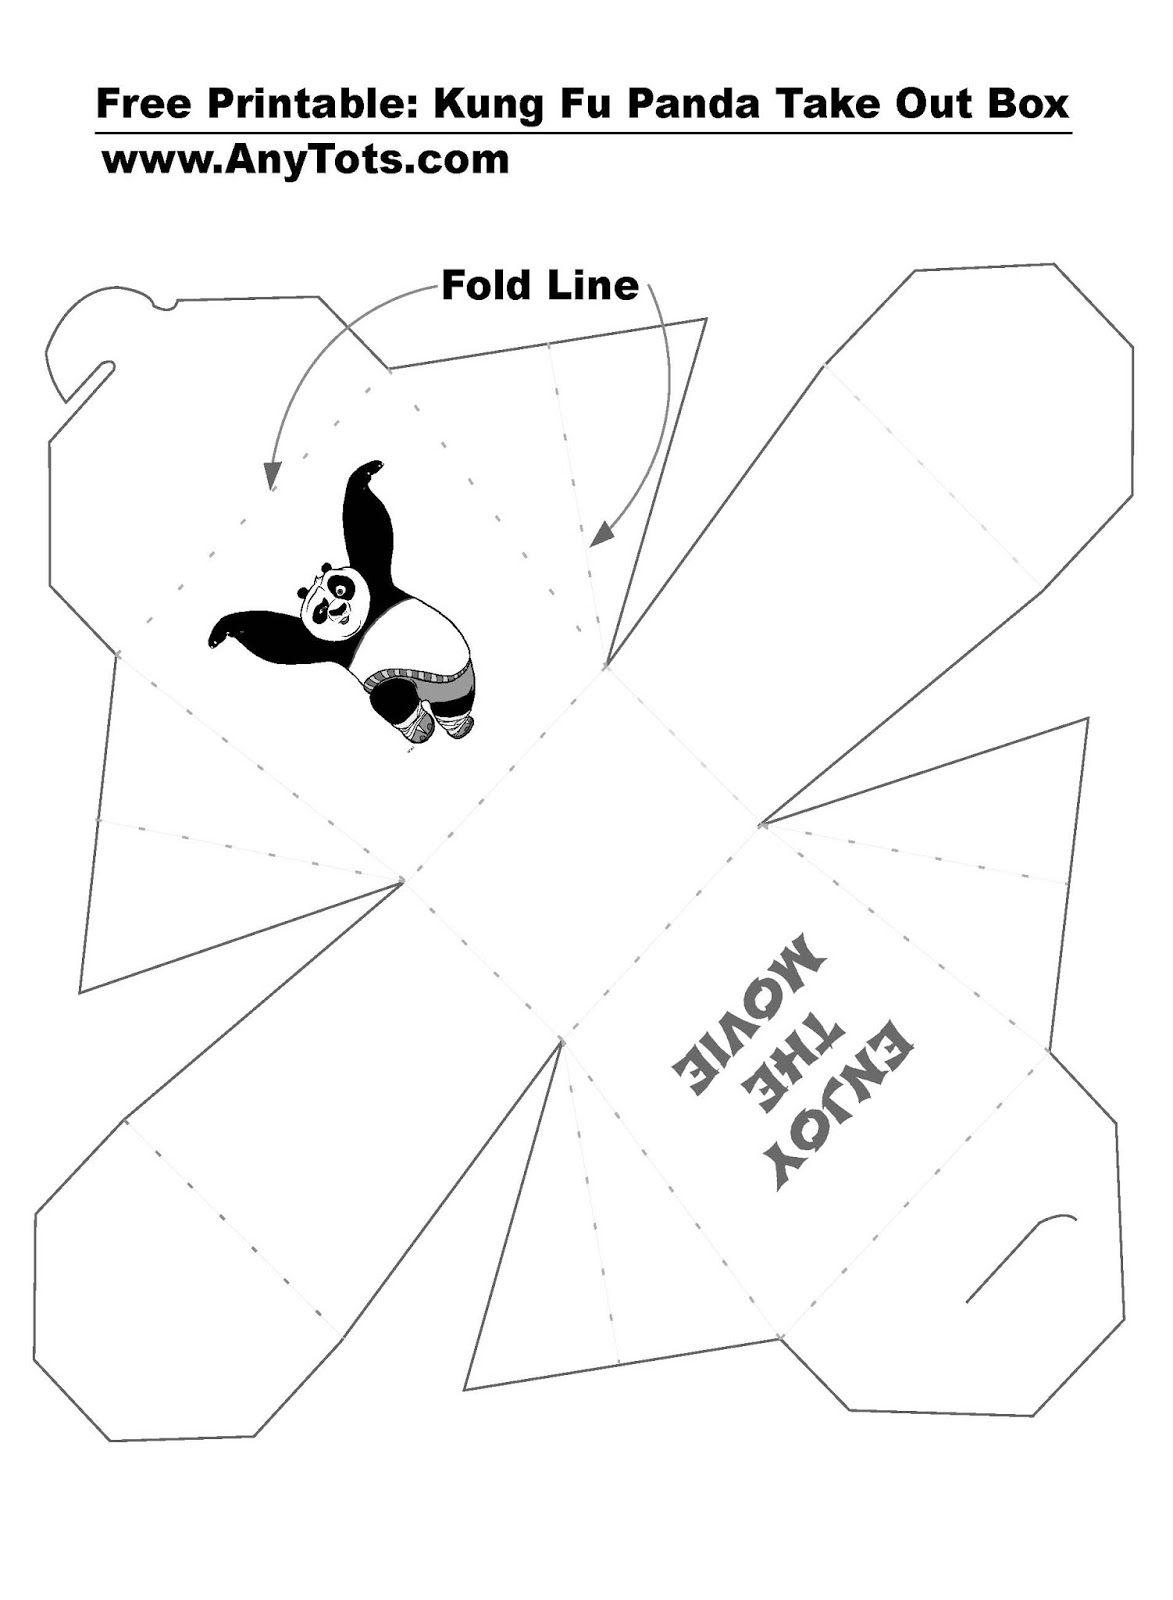 Kung Fu Panda Party Ideas Free Printable Activity Sheets